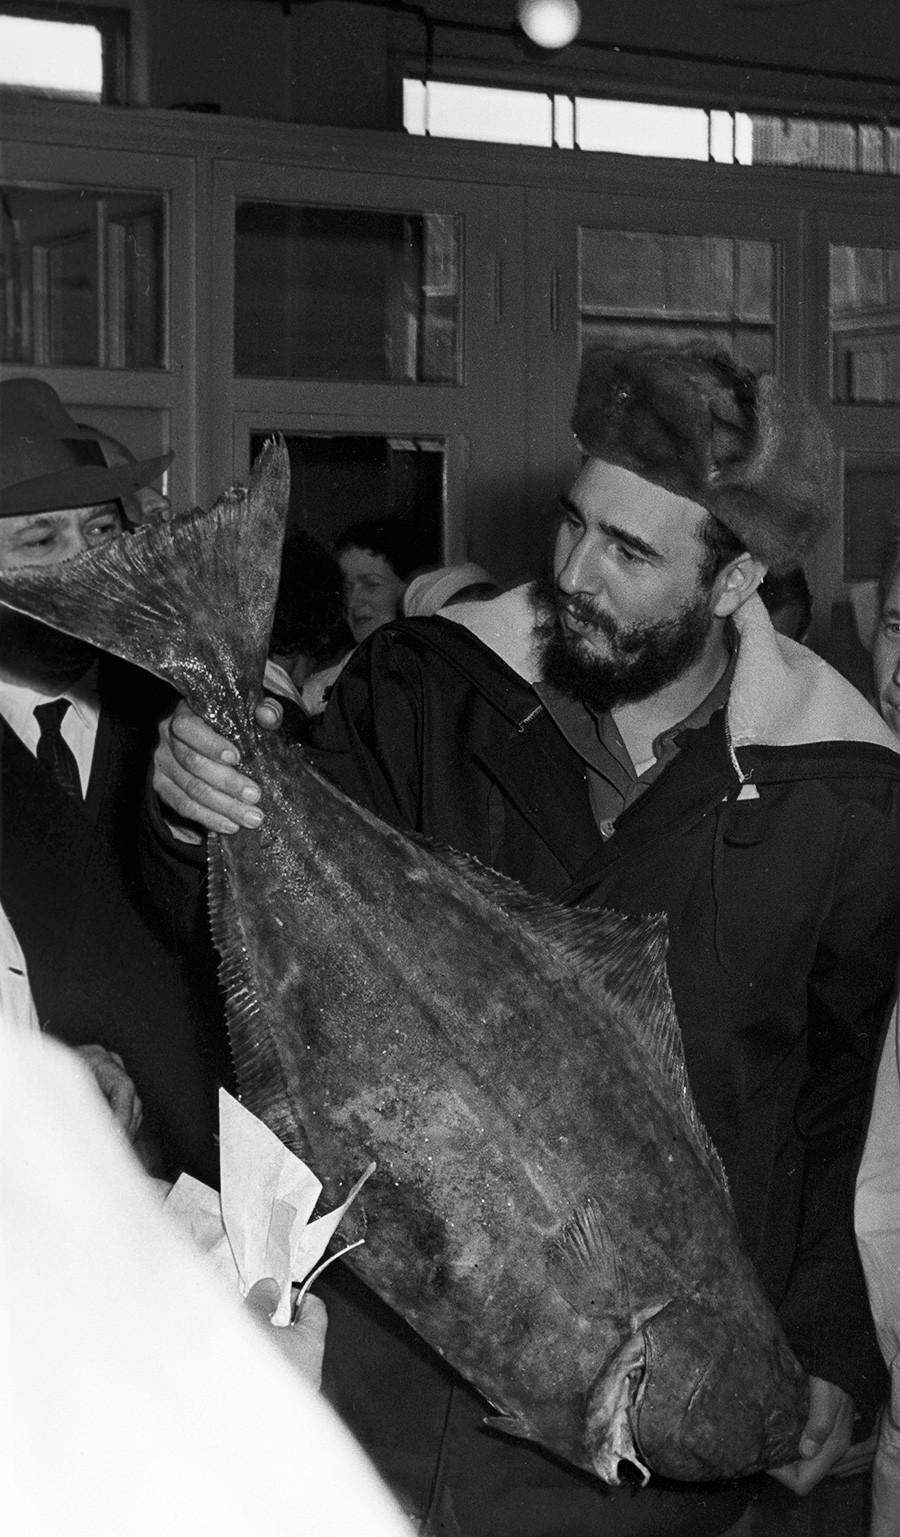 Presidente do Conselho de Estado e Conselho de Ministros da República de Cuba, líder da revolução cubana Fidel Castro visita fábrica de peixes em Murmansk, URSS